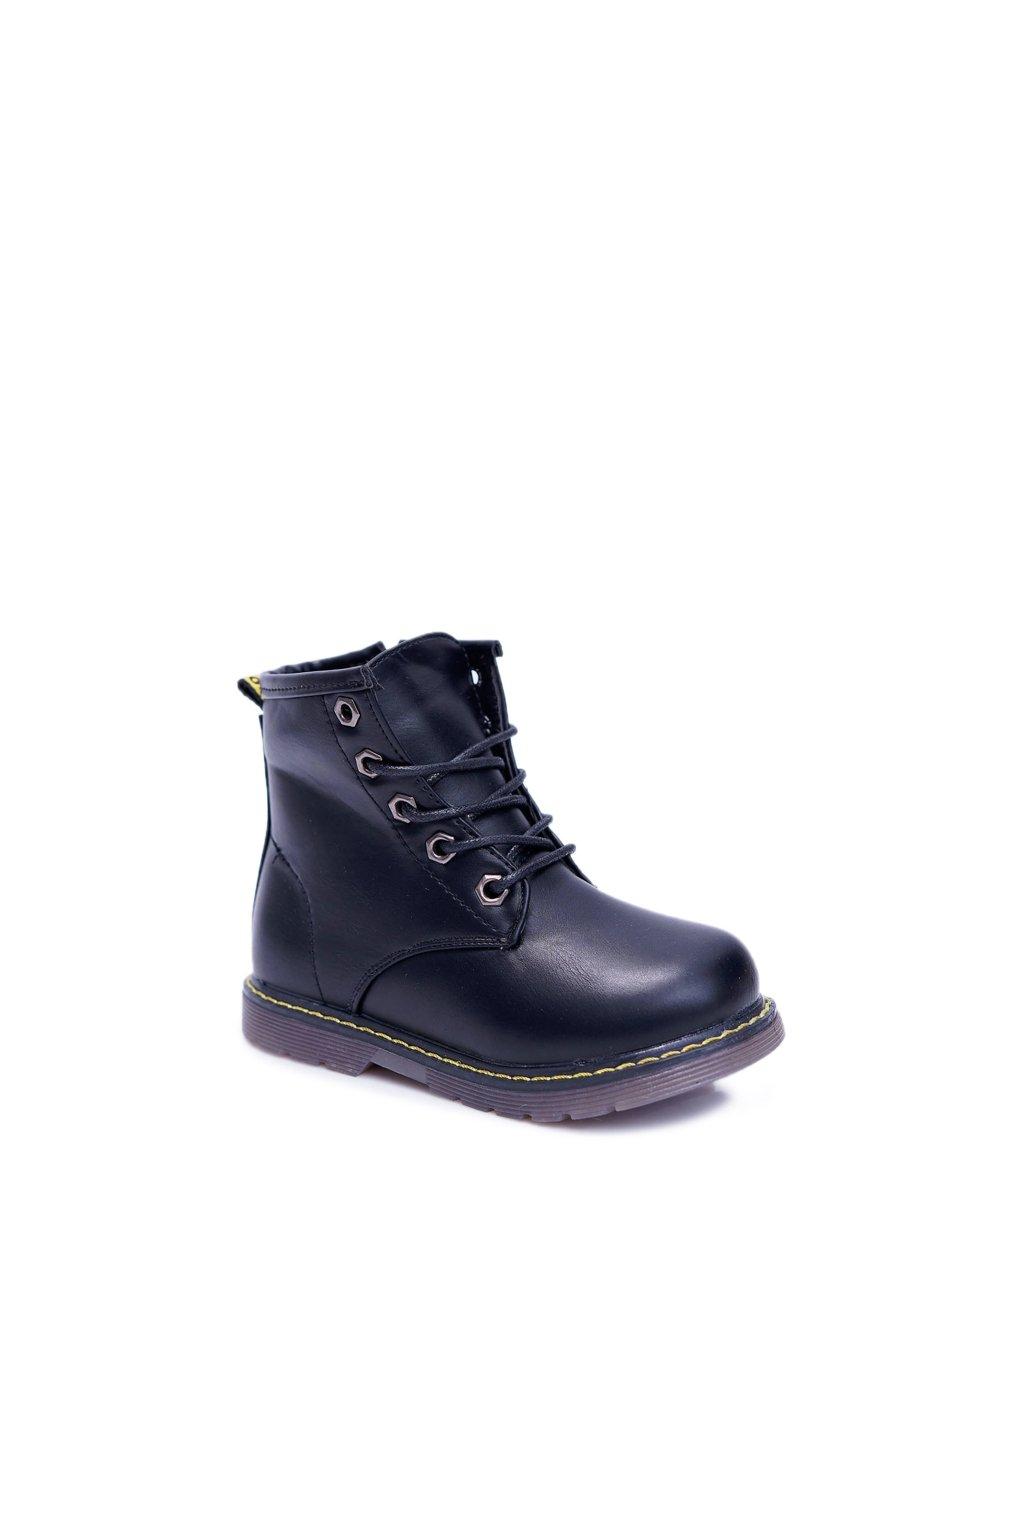 Detské členkové topánky farba čierna kód obuvi 20312-2A ALL BLK